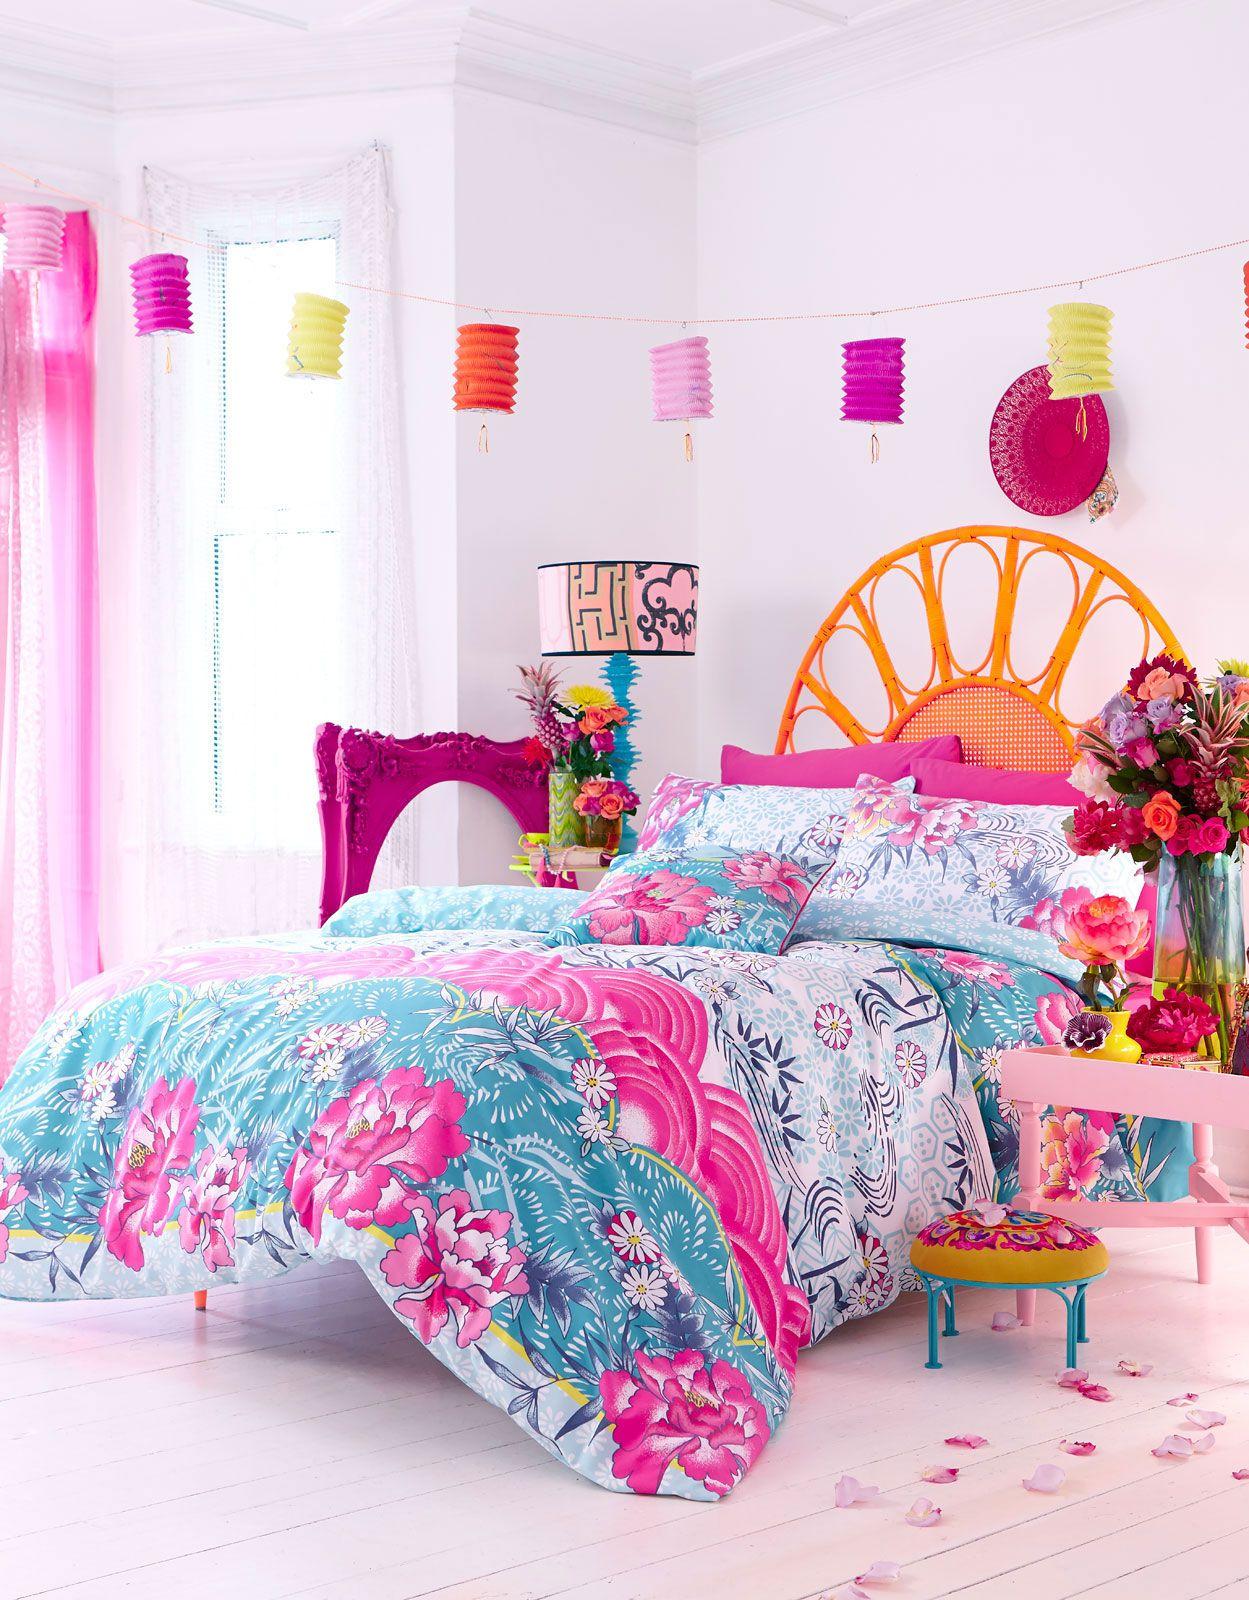 Kinder, Tropische Bettwäsche Haus deko, Bettwäsche, Bett